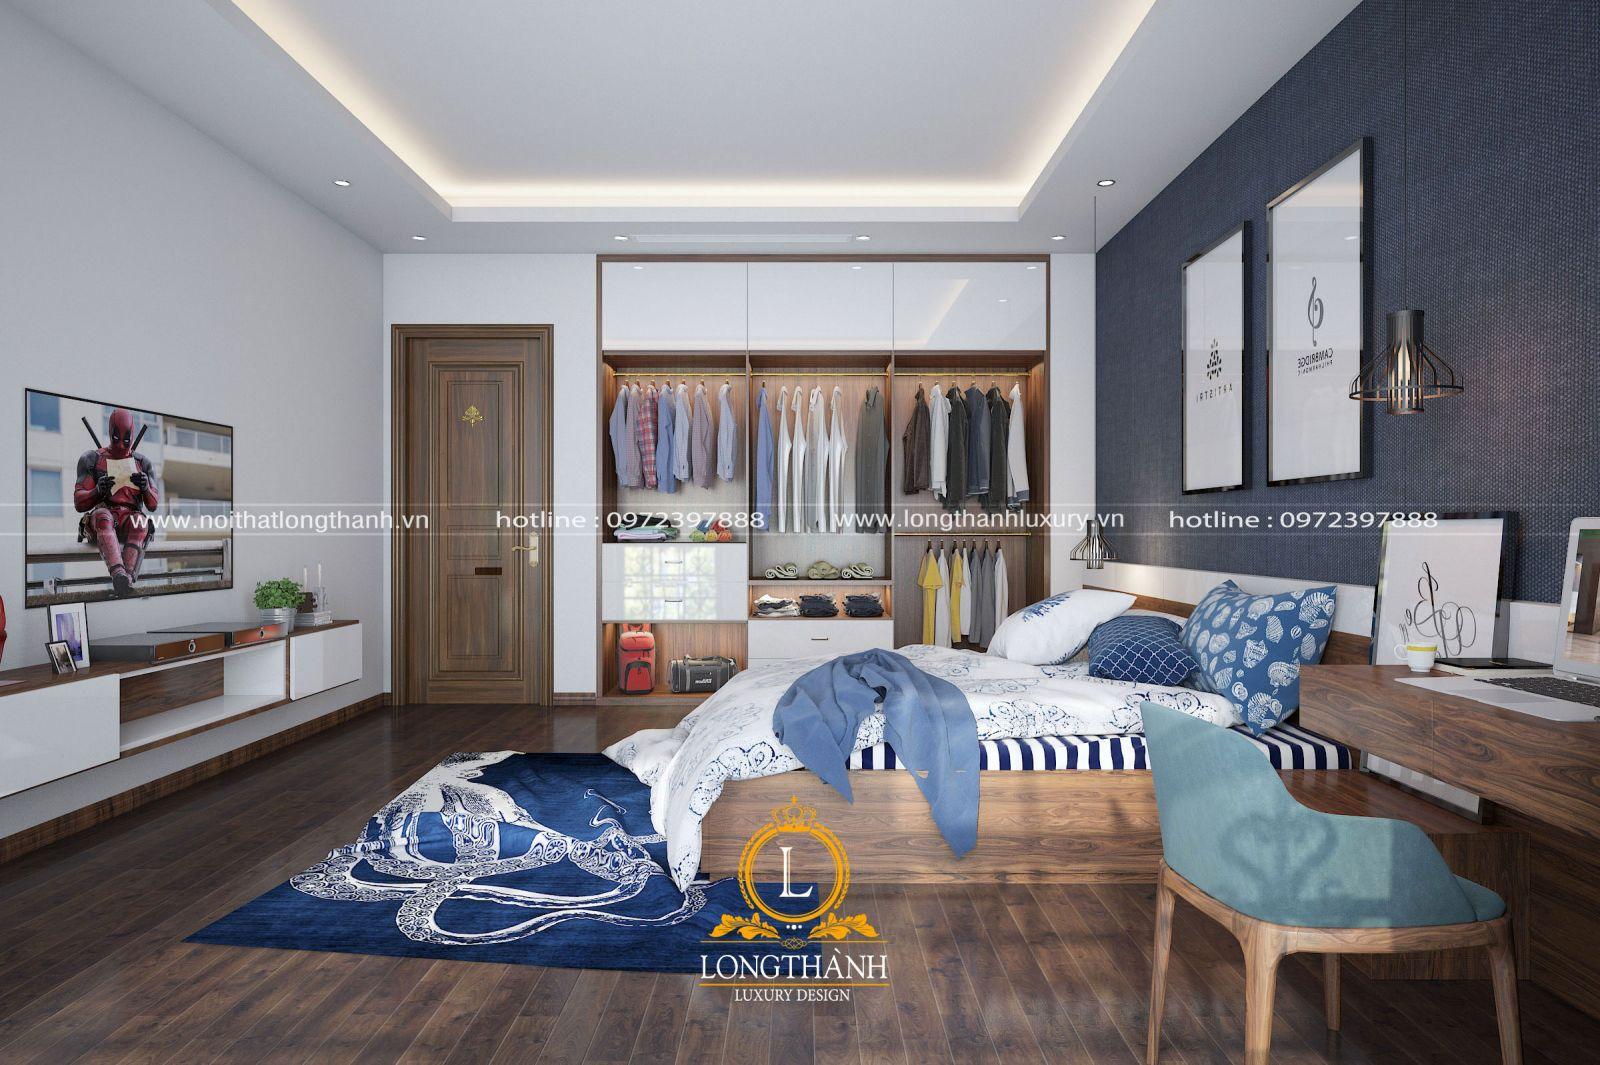 Mẫu phòng ngủ hiện đại nhỏ thường được lựa chọn sử dụng cho các bé trai